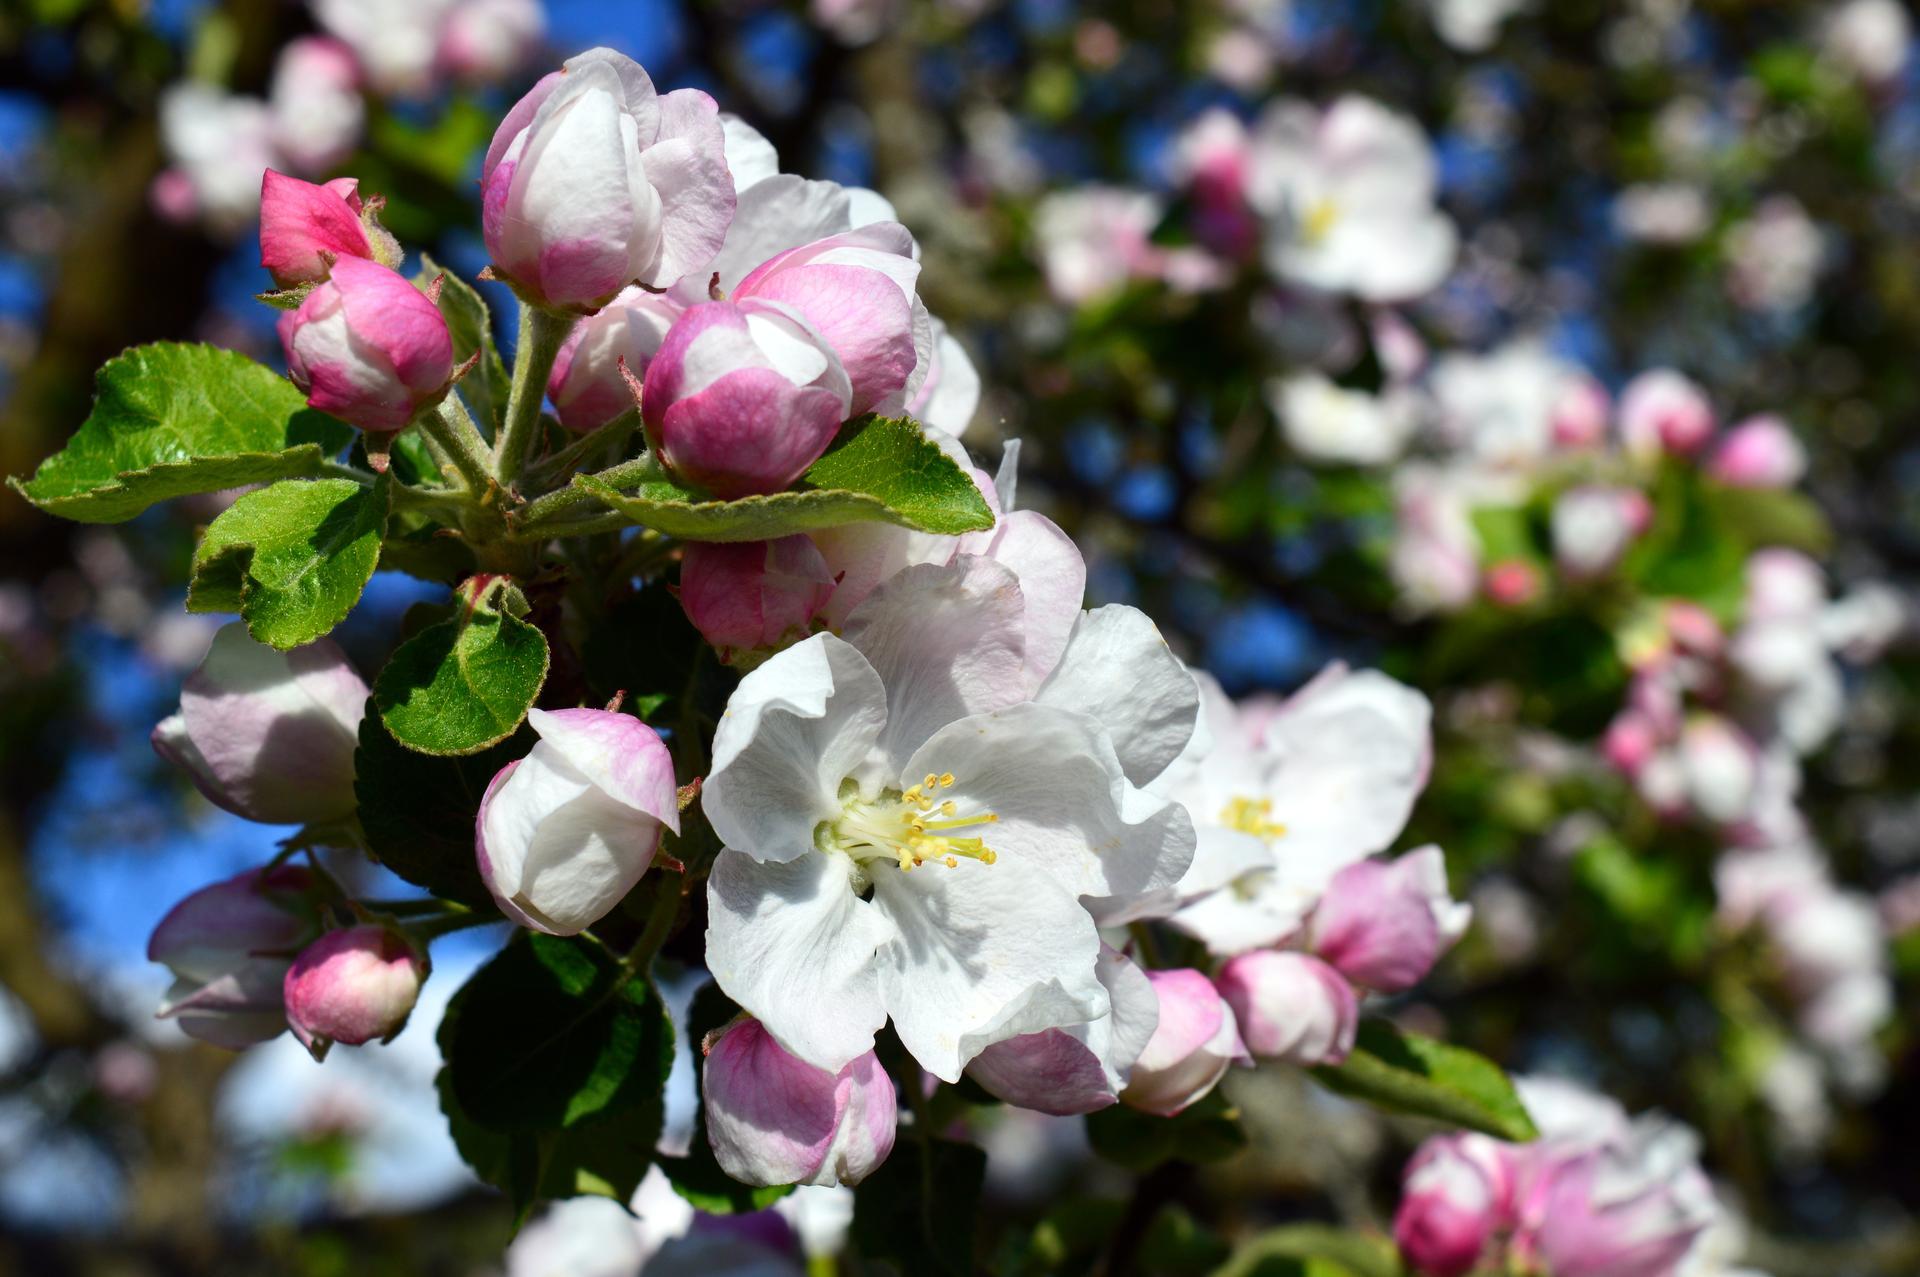 Naša prírodná perma záhradka v roku 2020 - v polovici mája nás po príchode domov potešila táto kvitnúca nádhera